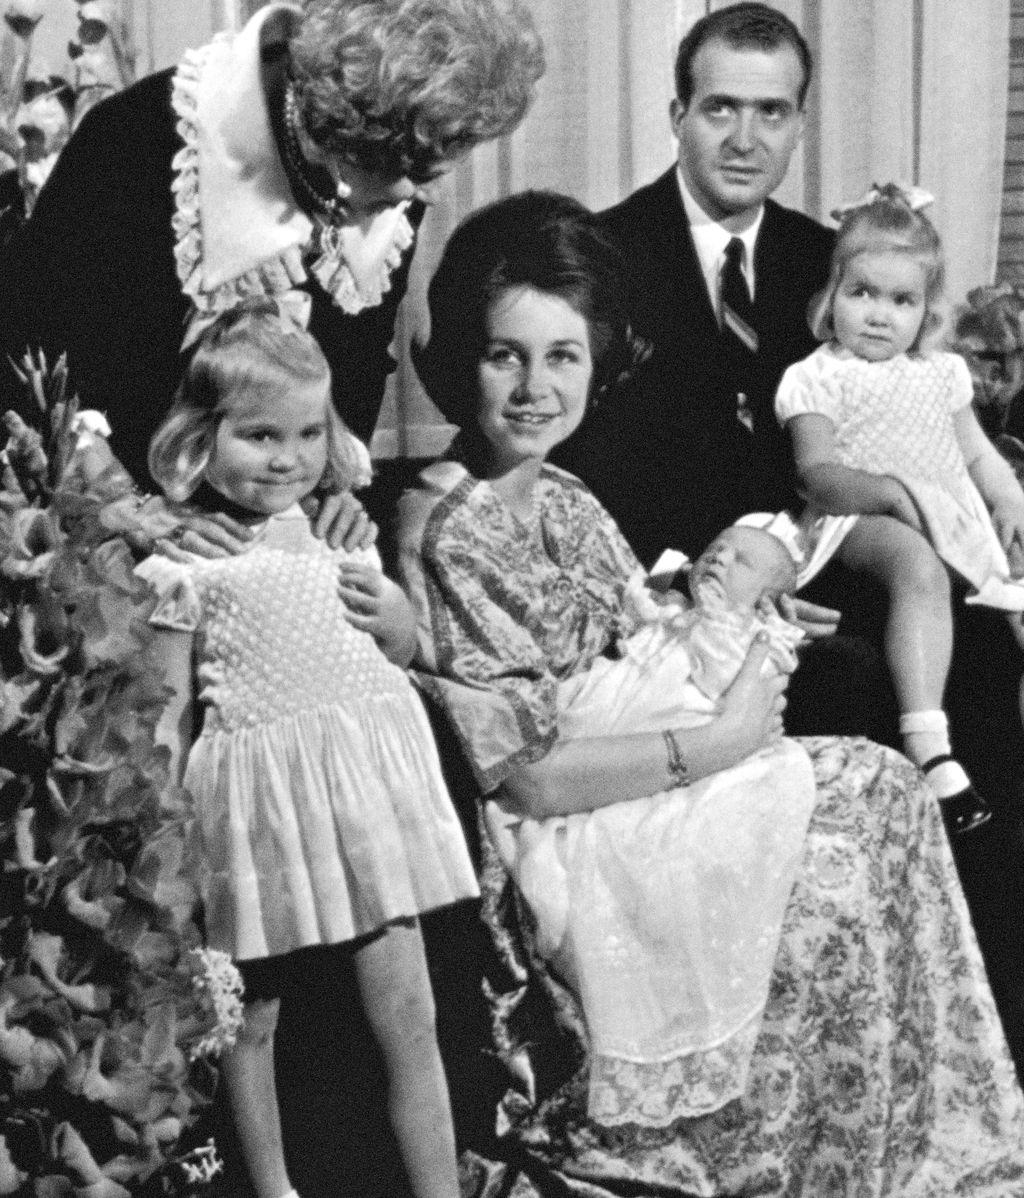 Los reyes vitalicios con sus hijos tras el nacimiento de Felipe VI